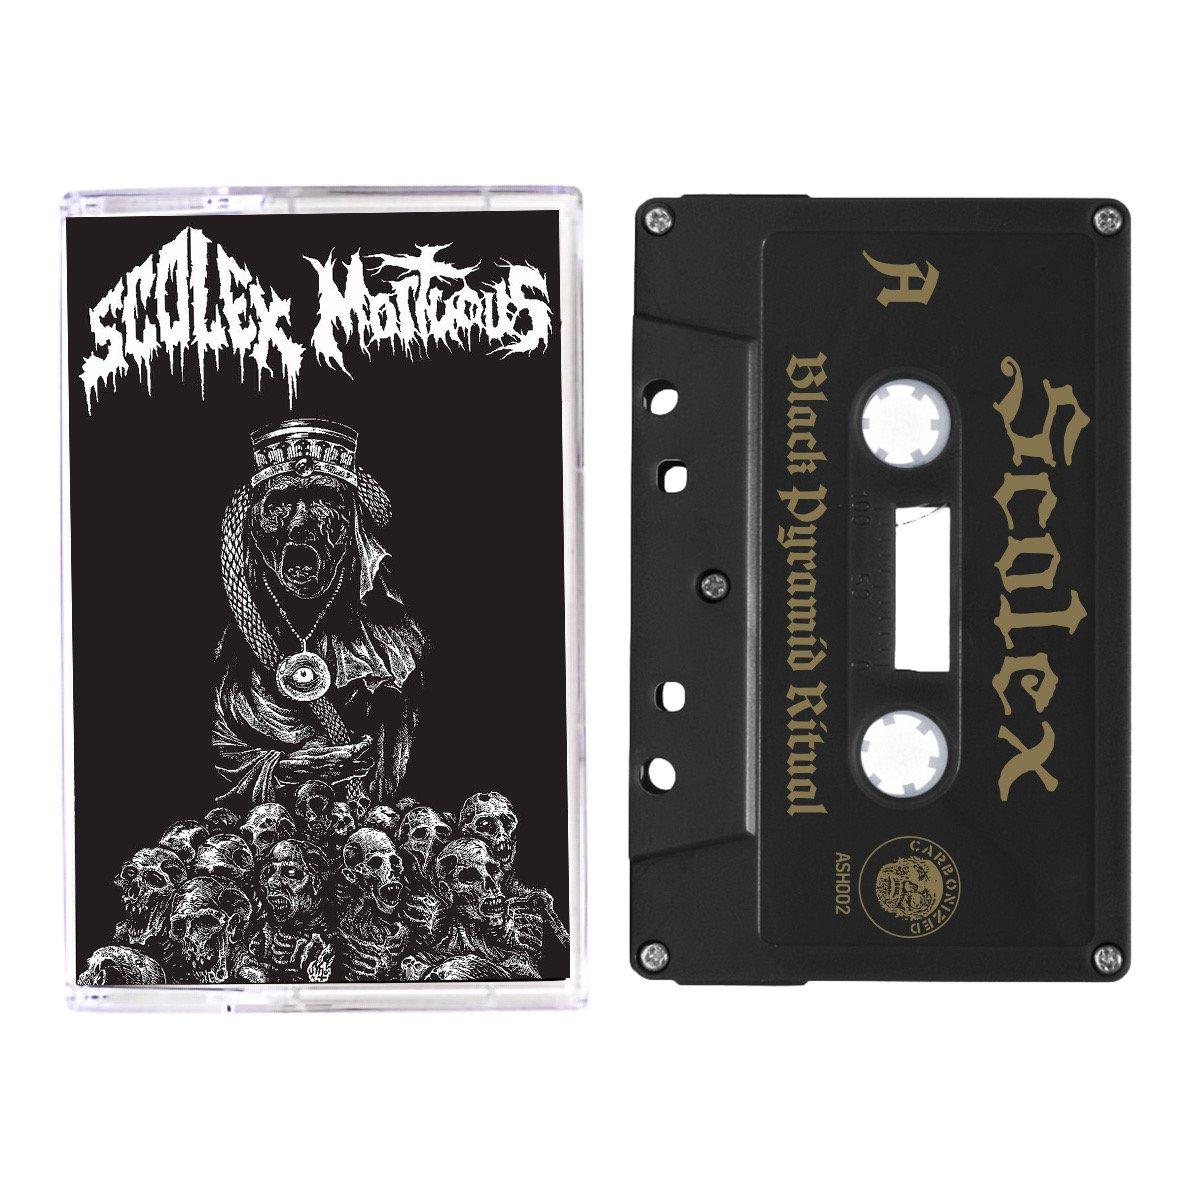 Image of SCOLEX / MORTUOUS Split Cassette